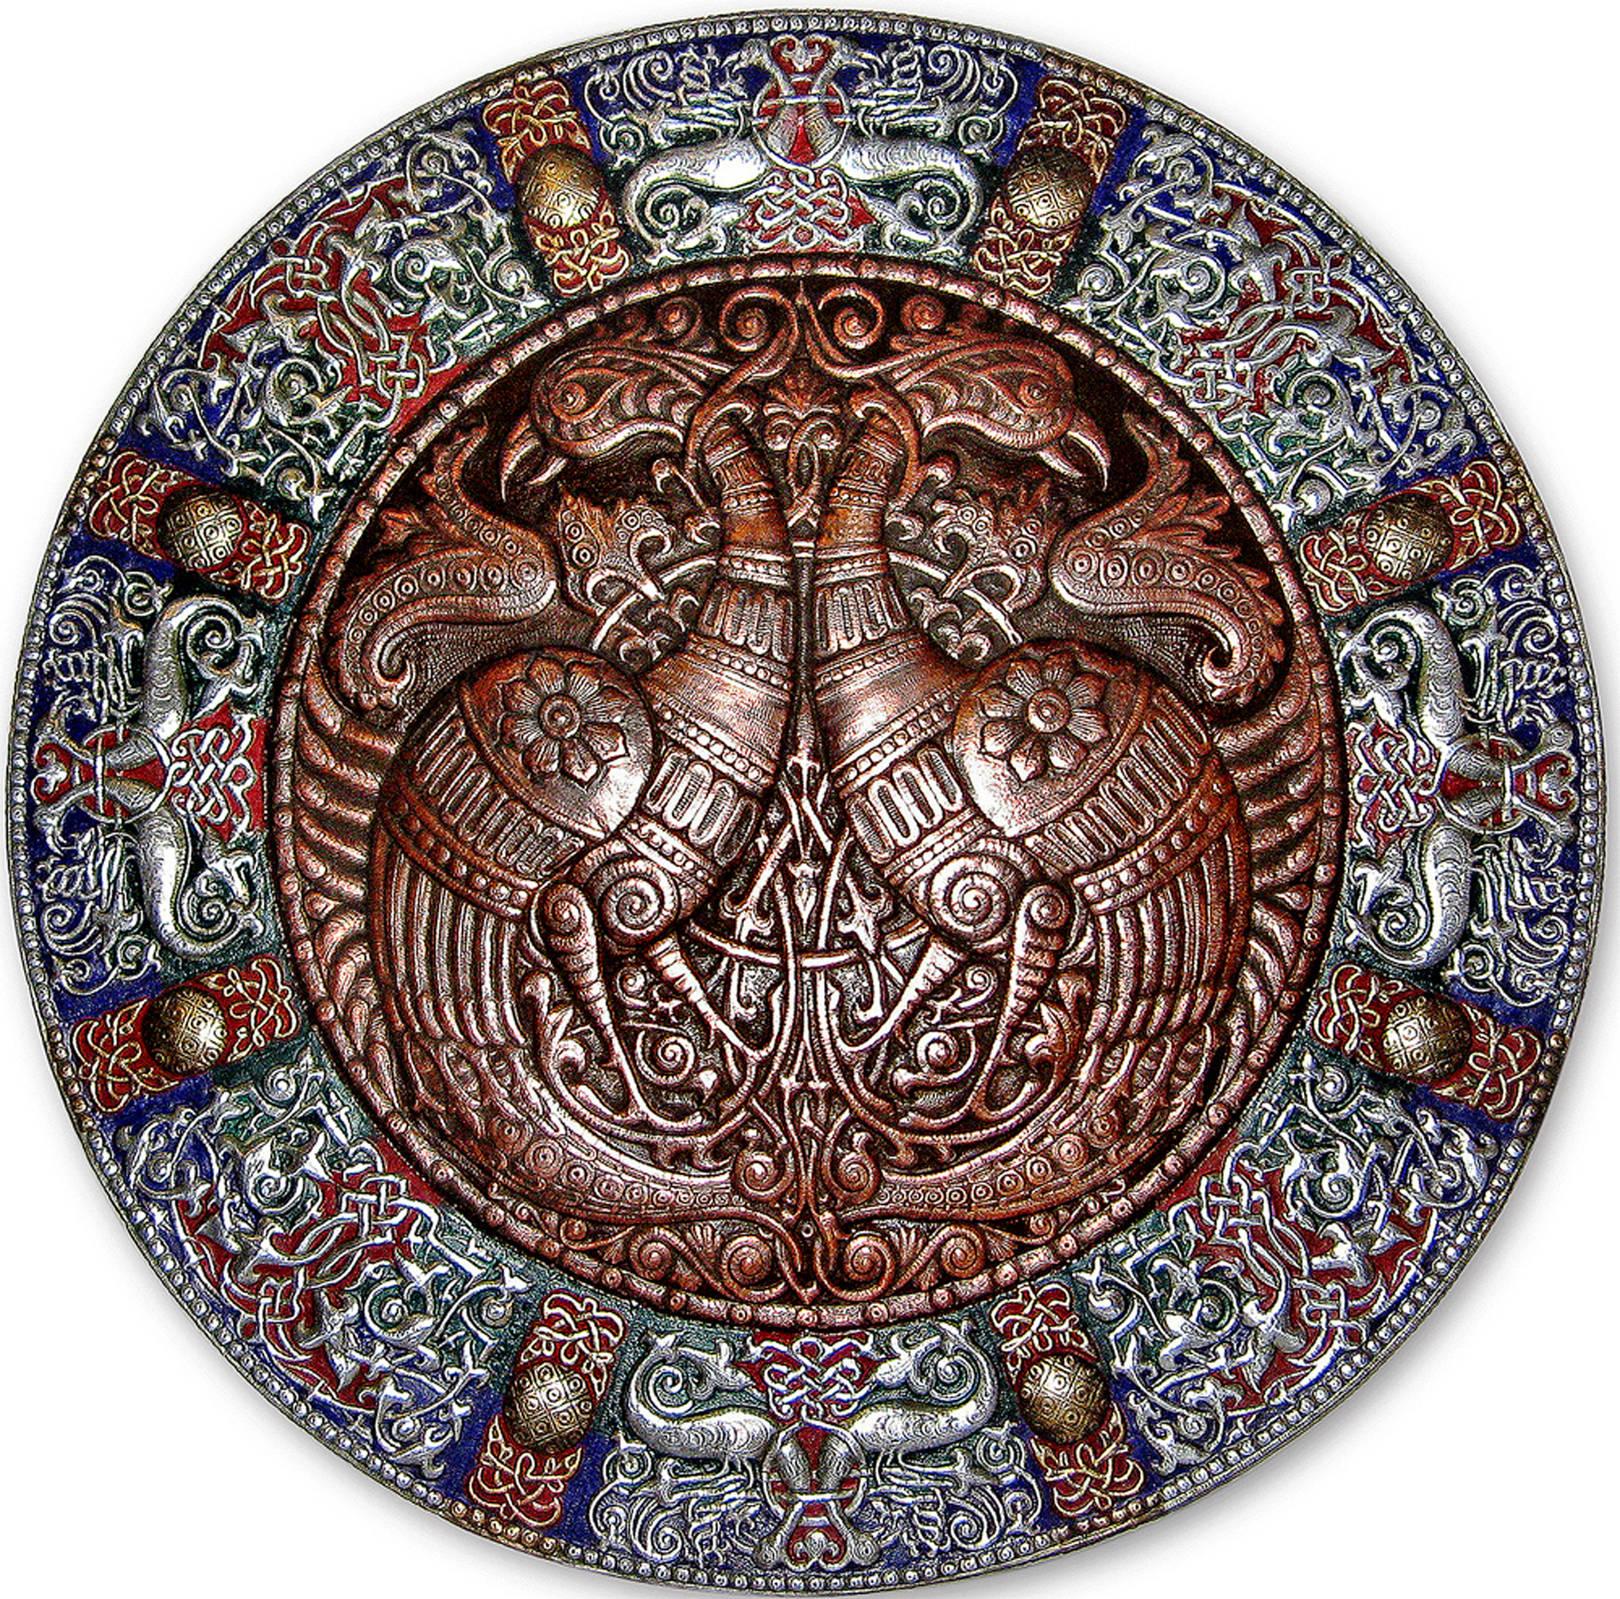 Волшебные птицы (панно-рондо) 2008 г.                                                                        Алюминий, медь, латунь;                                                                                                 чернение, холодная эмаль  90 х90 см